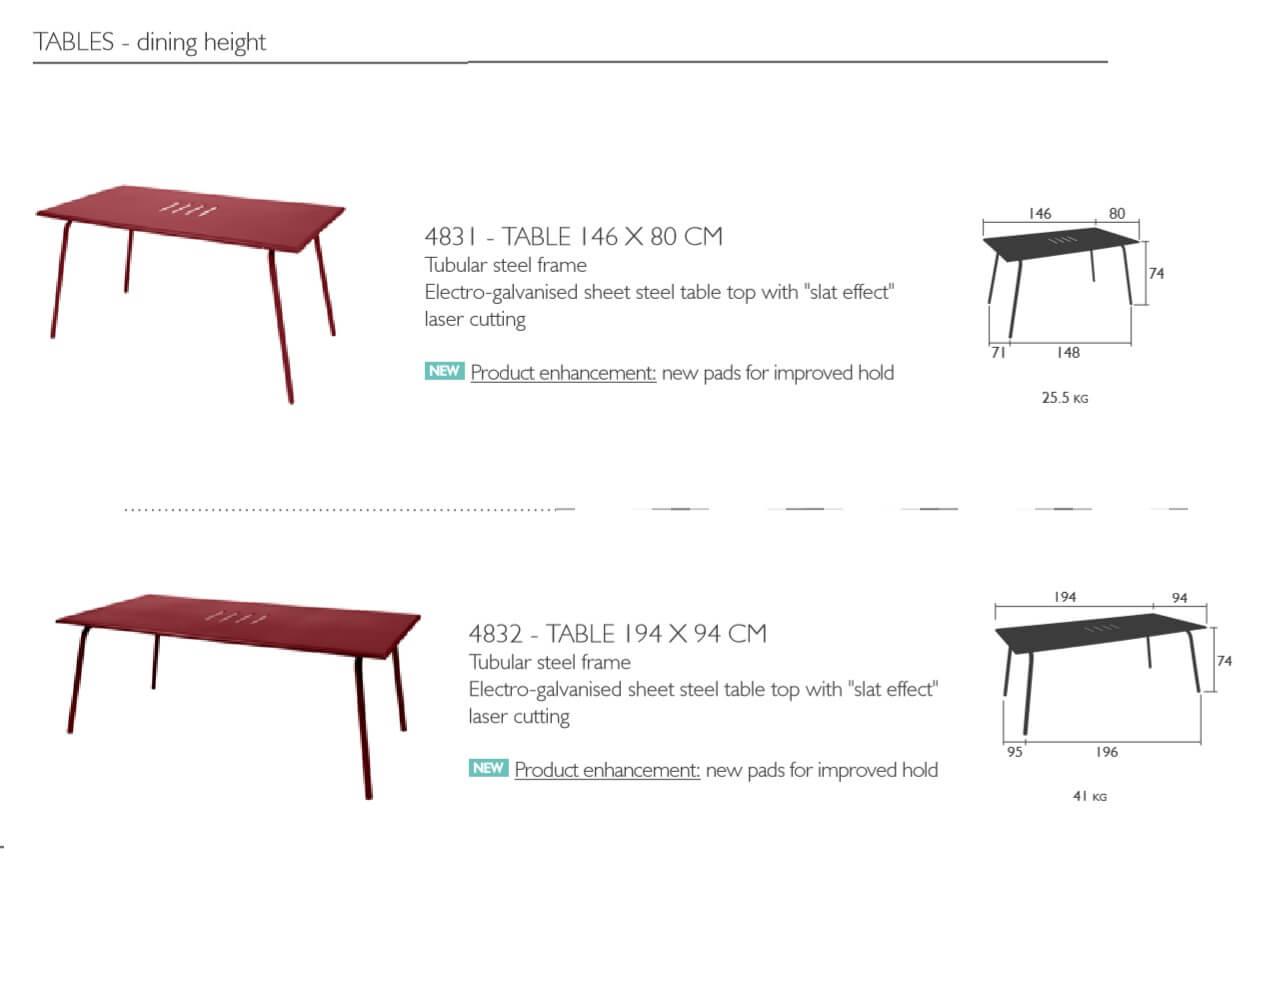 Medidas de las mesas de la colección MONCEAU de FERMOB